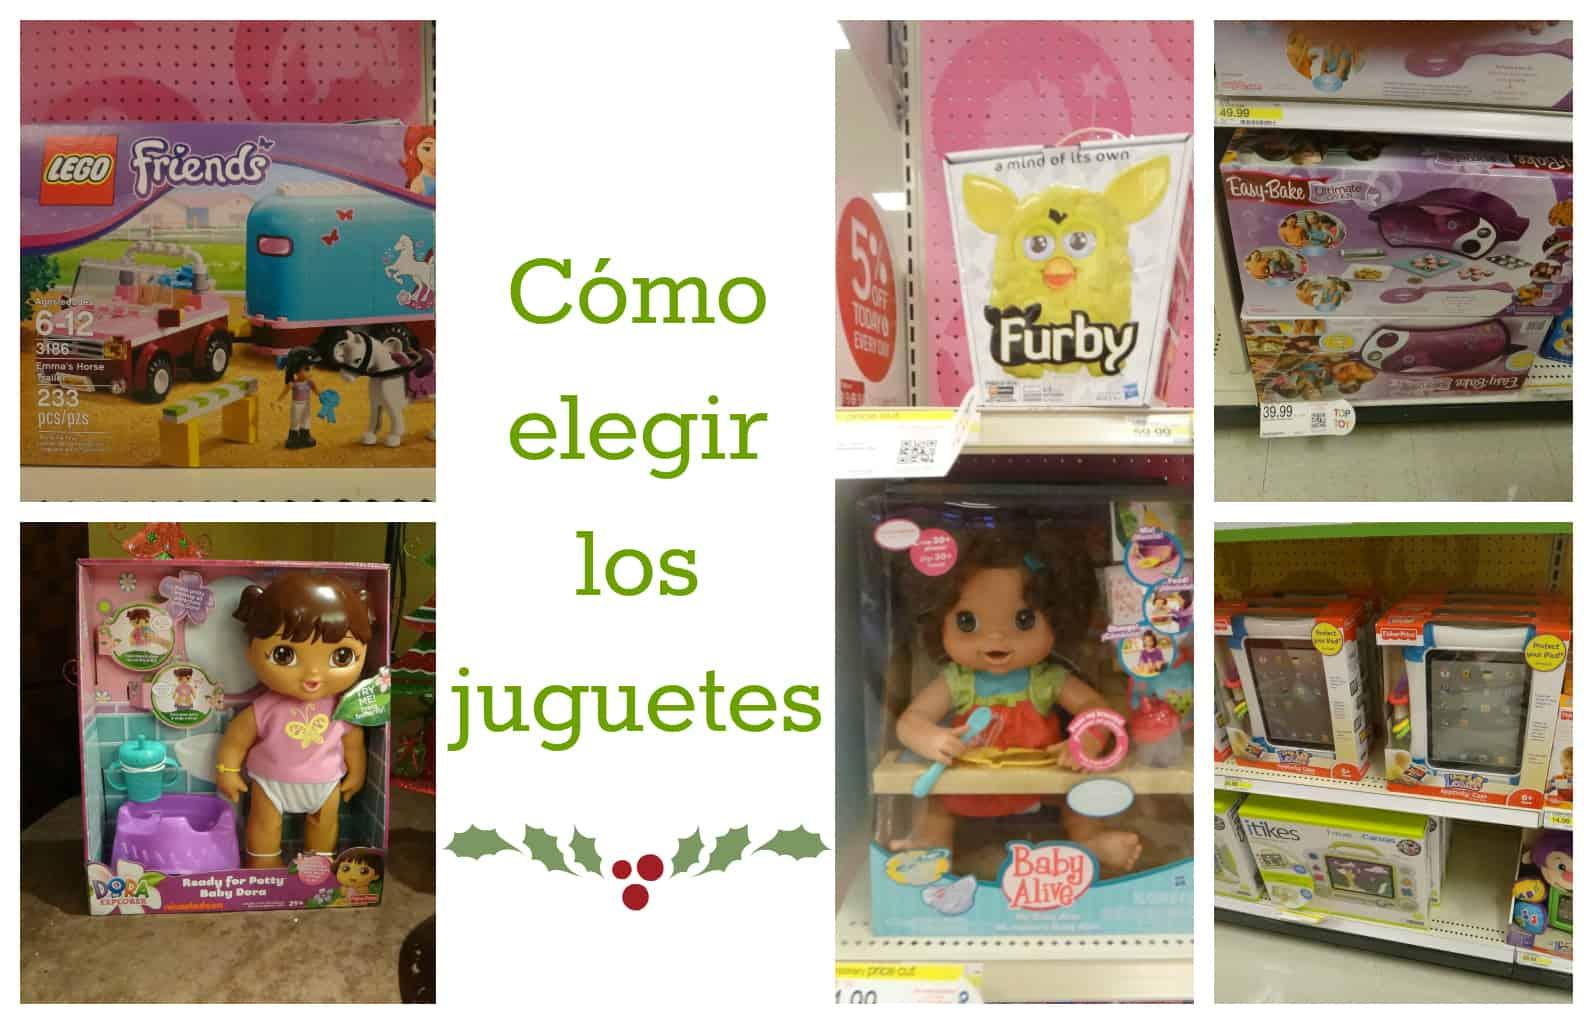 Cómo elegir juguetes para niños